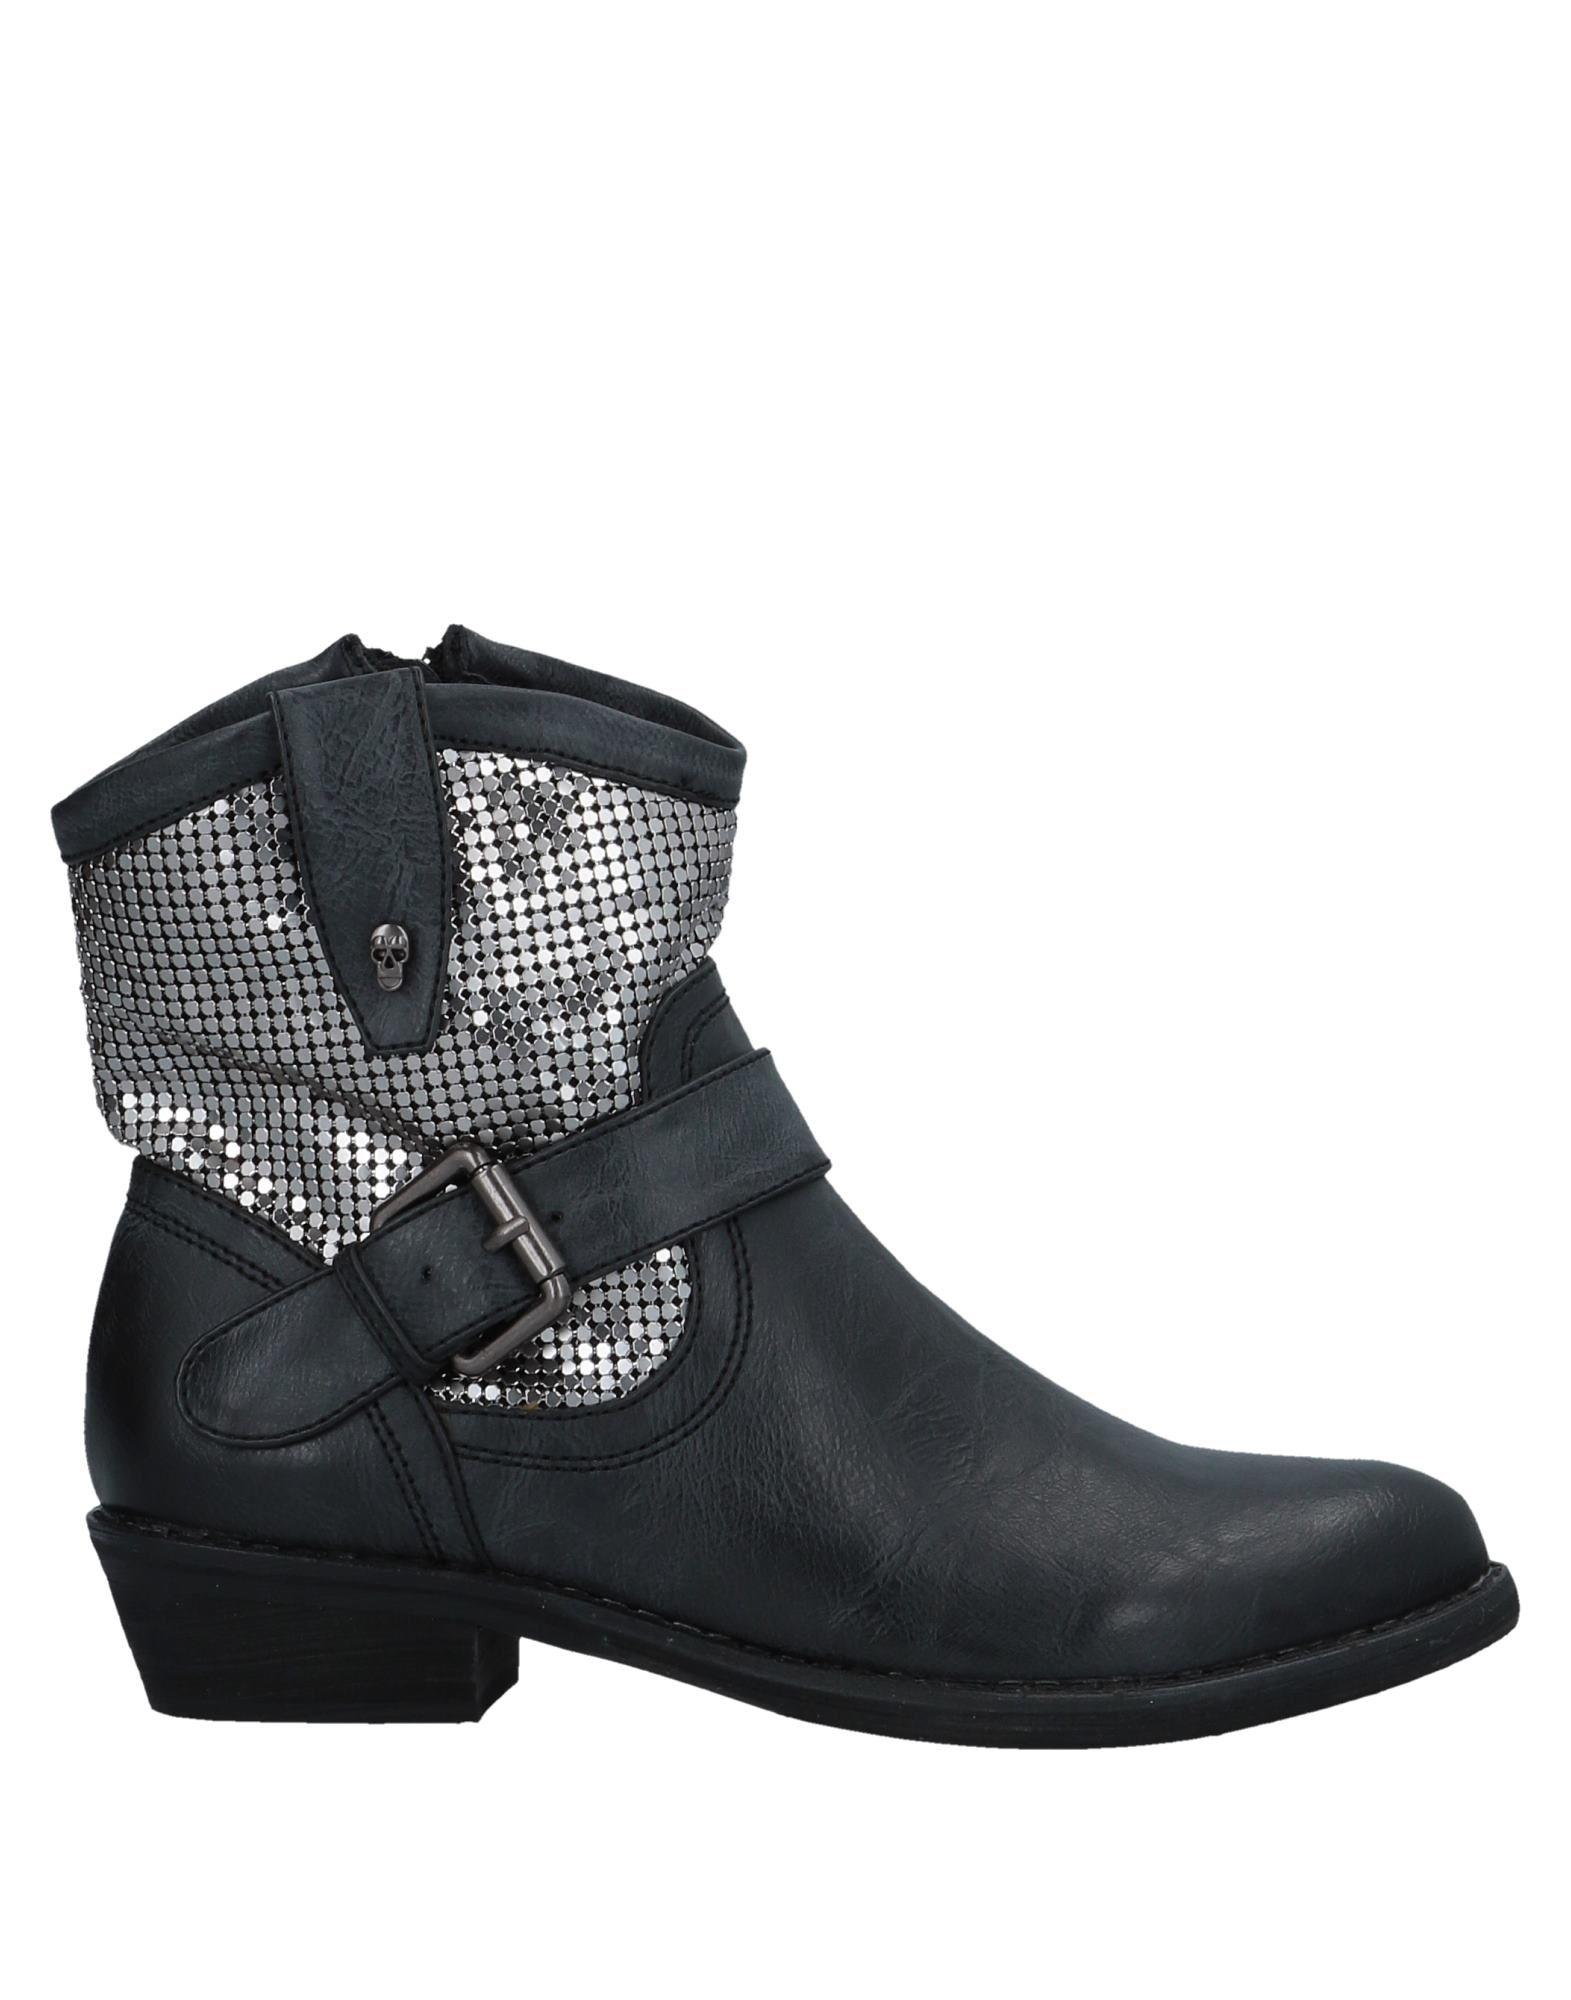 Francesco Milano Stiefelette Damen  11540428IB Gute Qualität beliebte Schuhe